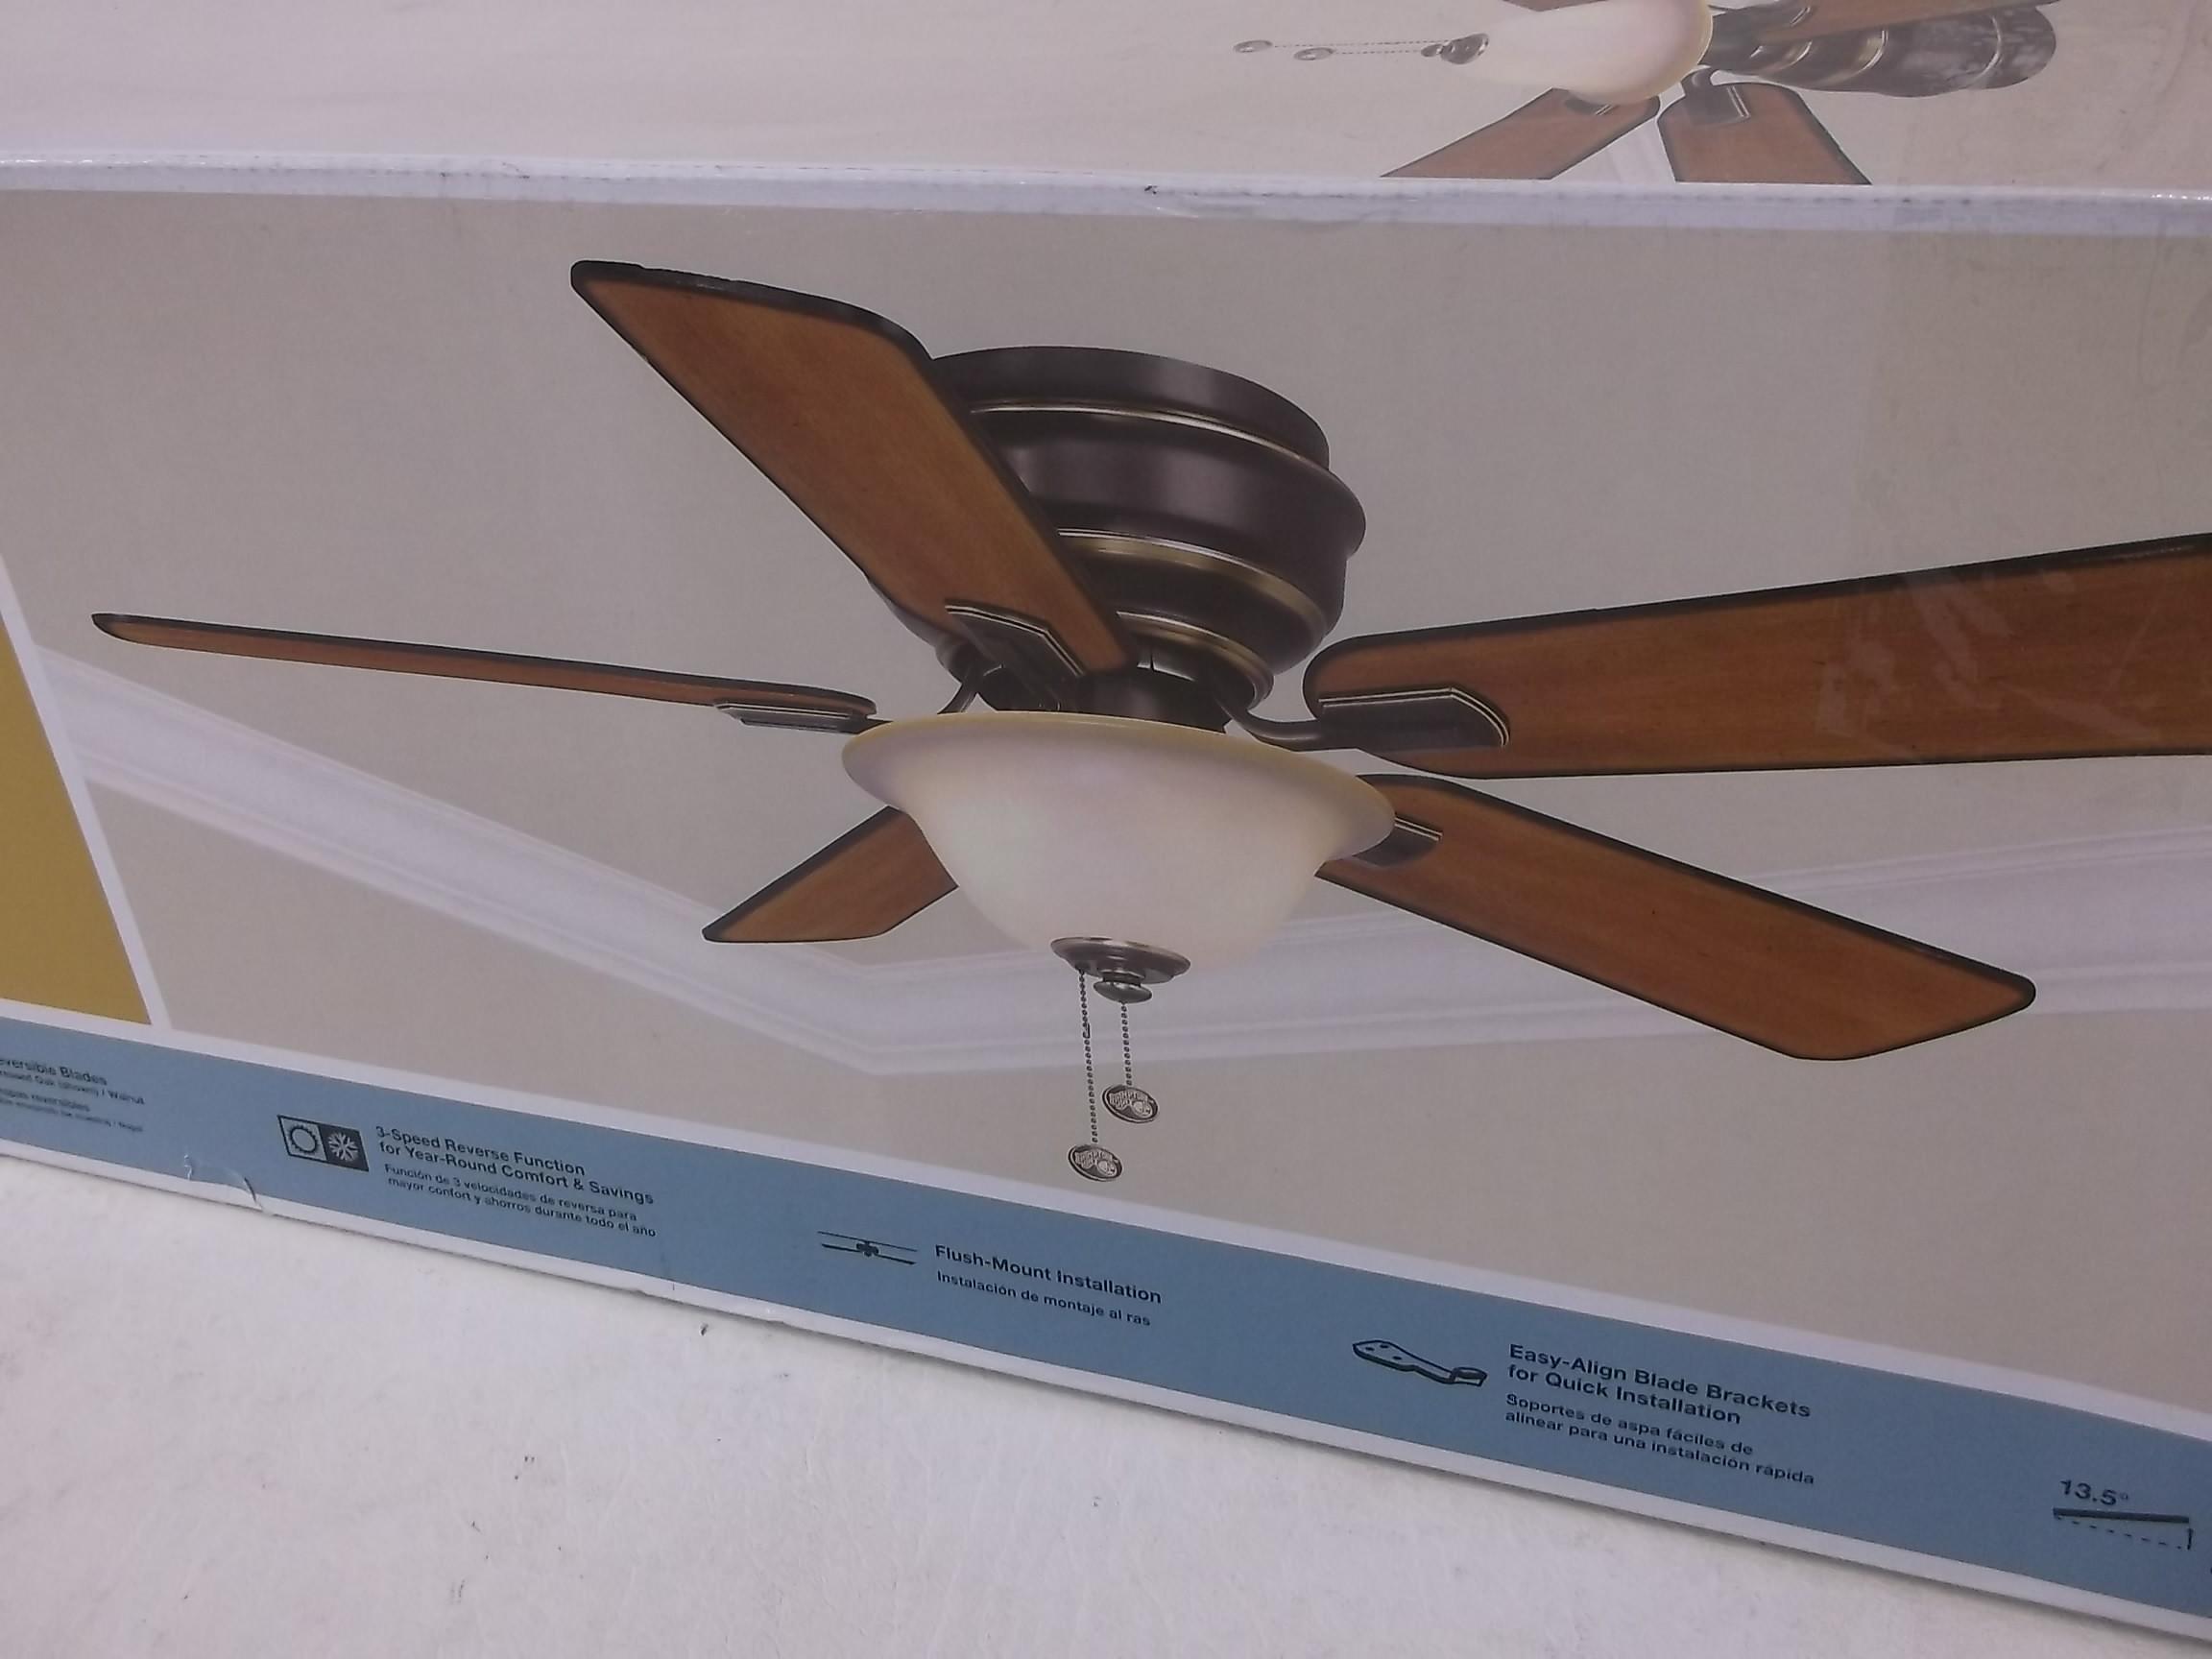 hampton bay hawkins ceiling fan photo - 7